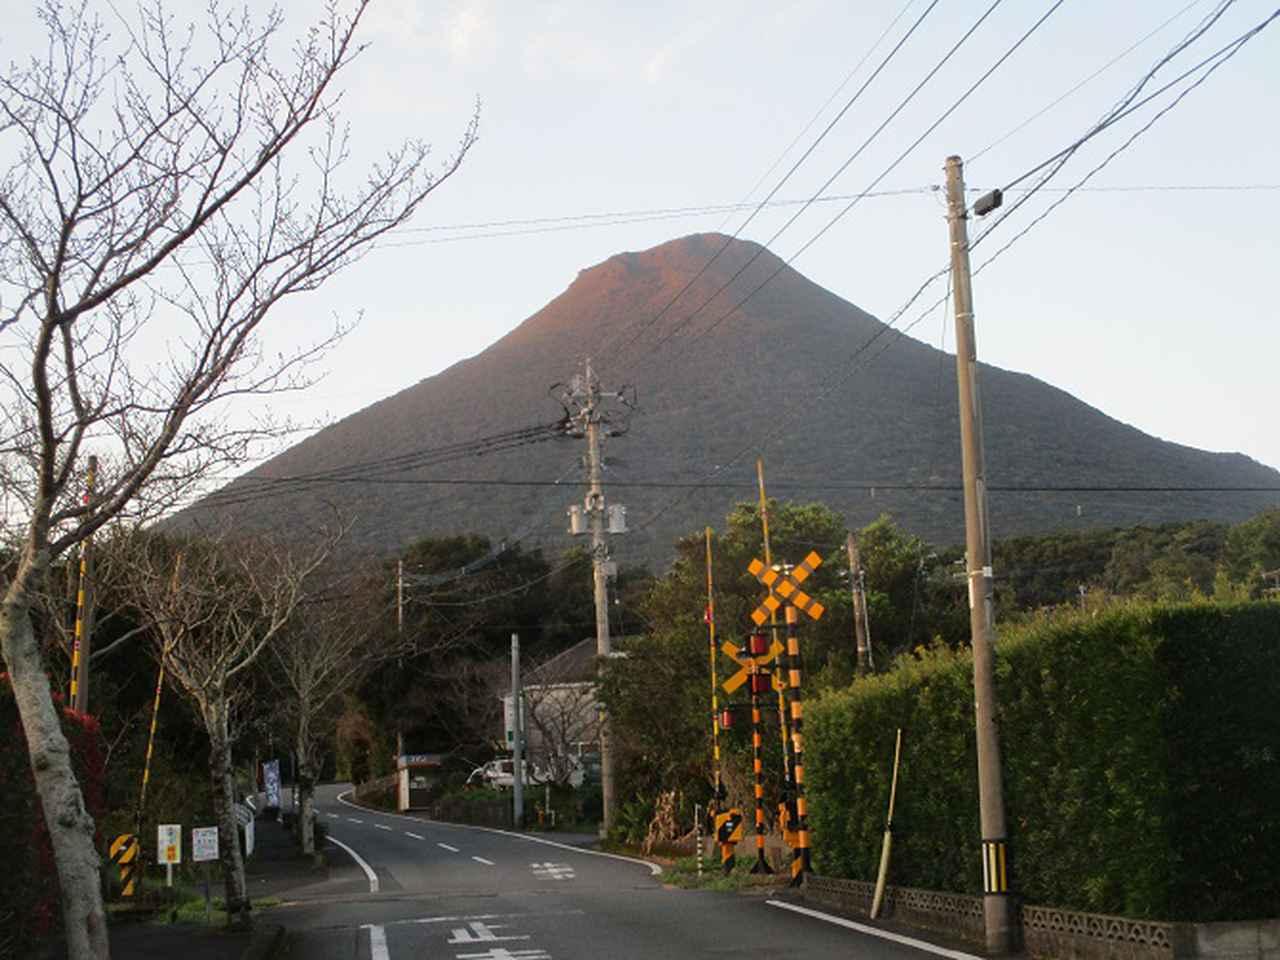 画像1: 来年春の企画素材を探して鹿児島県の 開聞岳 に行ってきました!